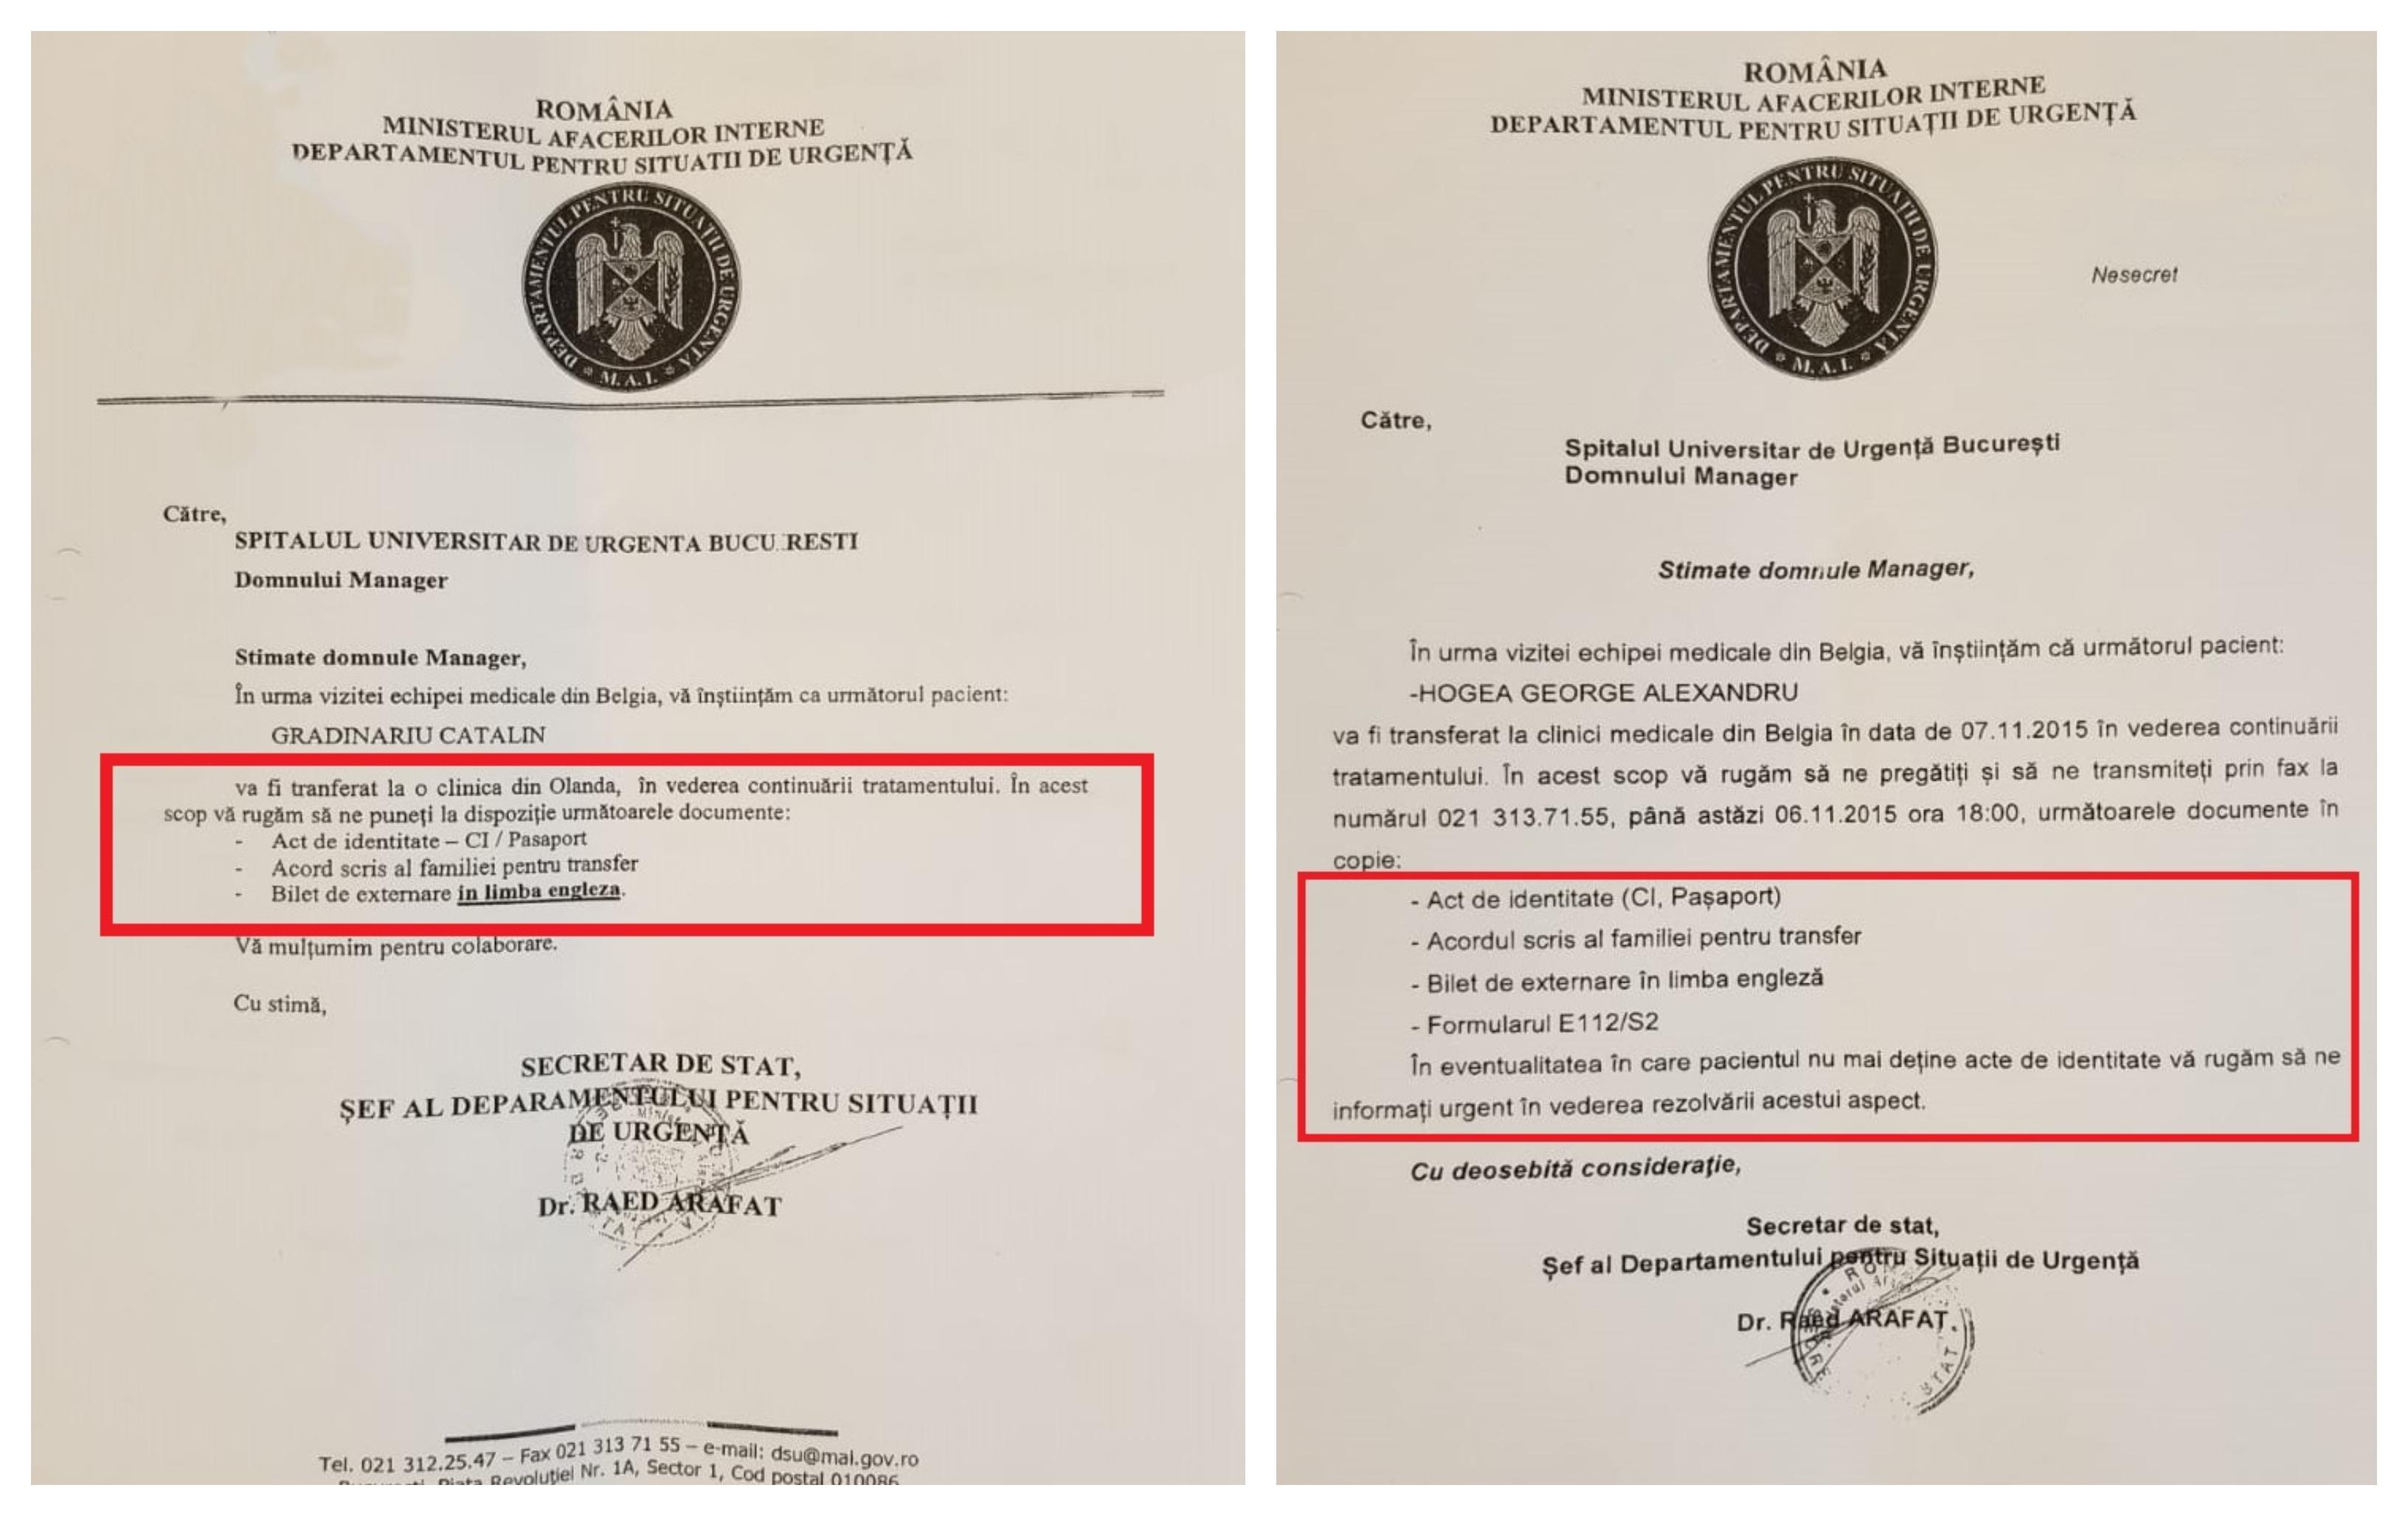 Adresele trimise de către Raed Arafat, șeful DSU, către Spitalul Universitar: pentru transferul în Belgia al lui Hogea (dreapta) a fost nevoie și de formularul E112/S2, în timp ce pentru al lui Grădinariu era necesar doar buletinul, acordul familiei și un bilet de externare